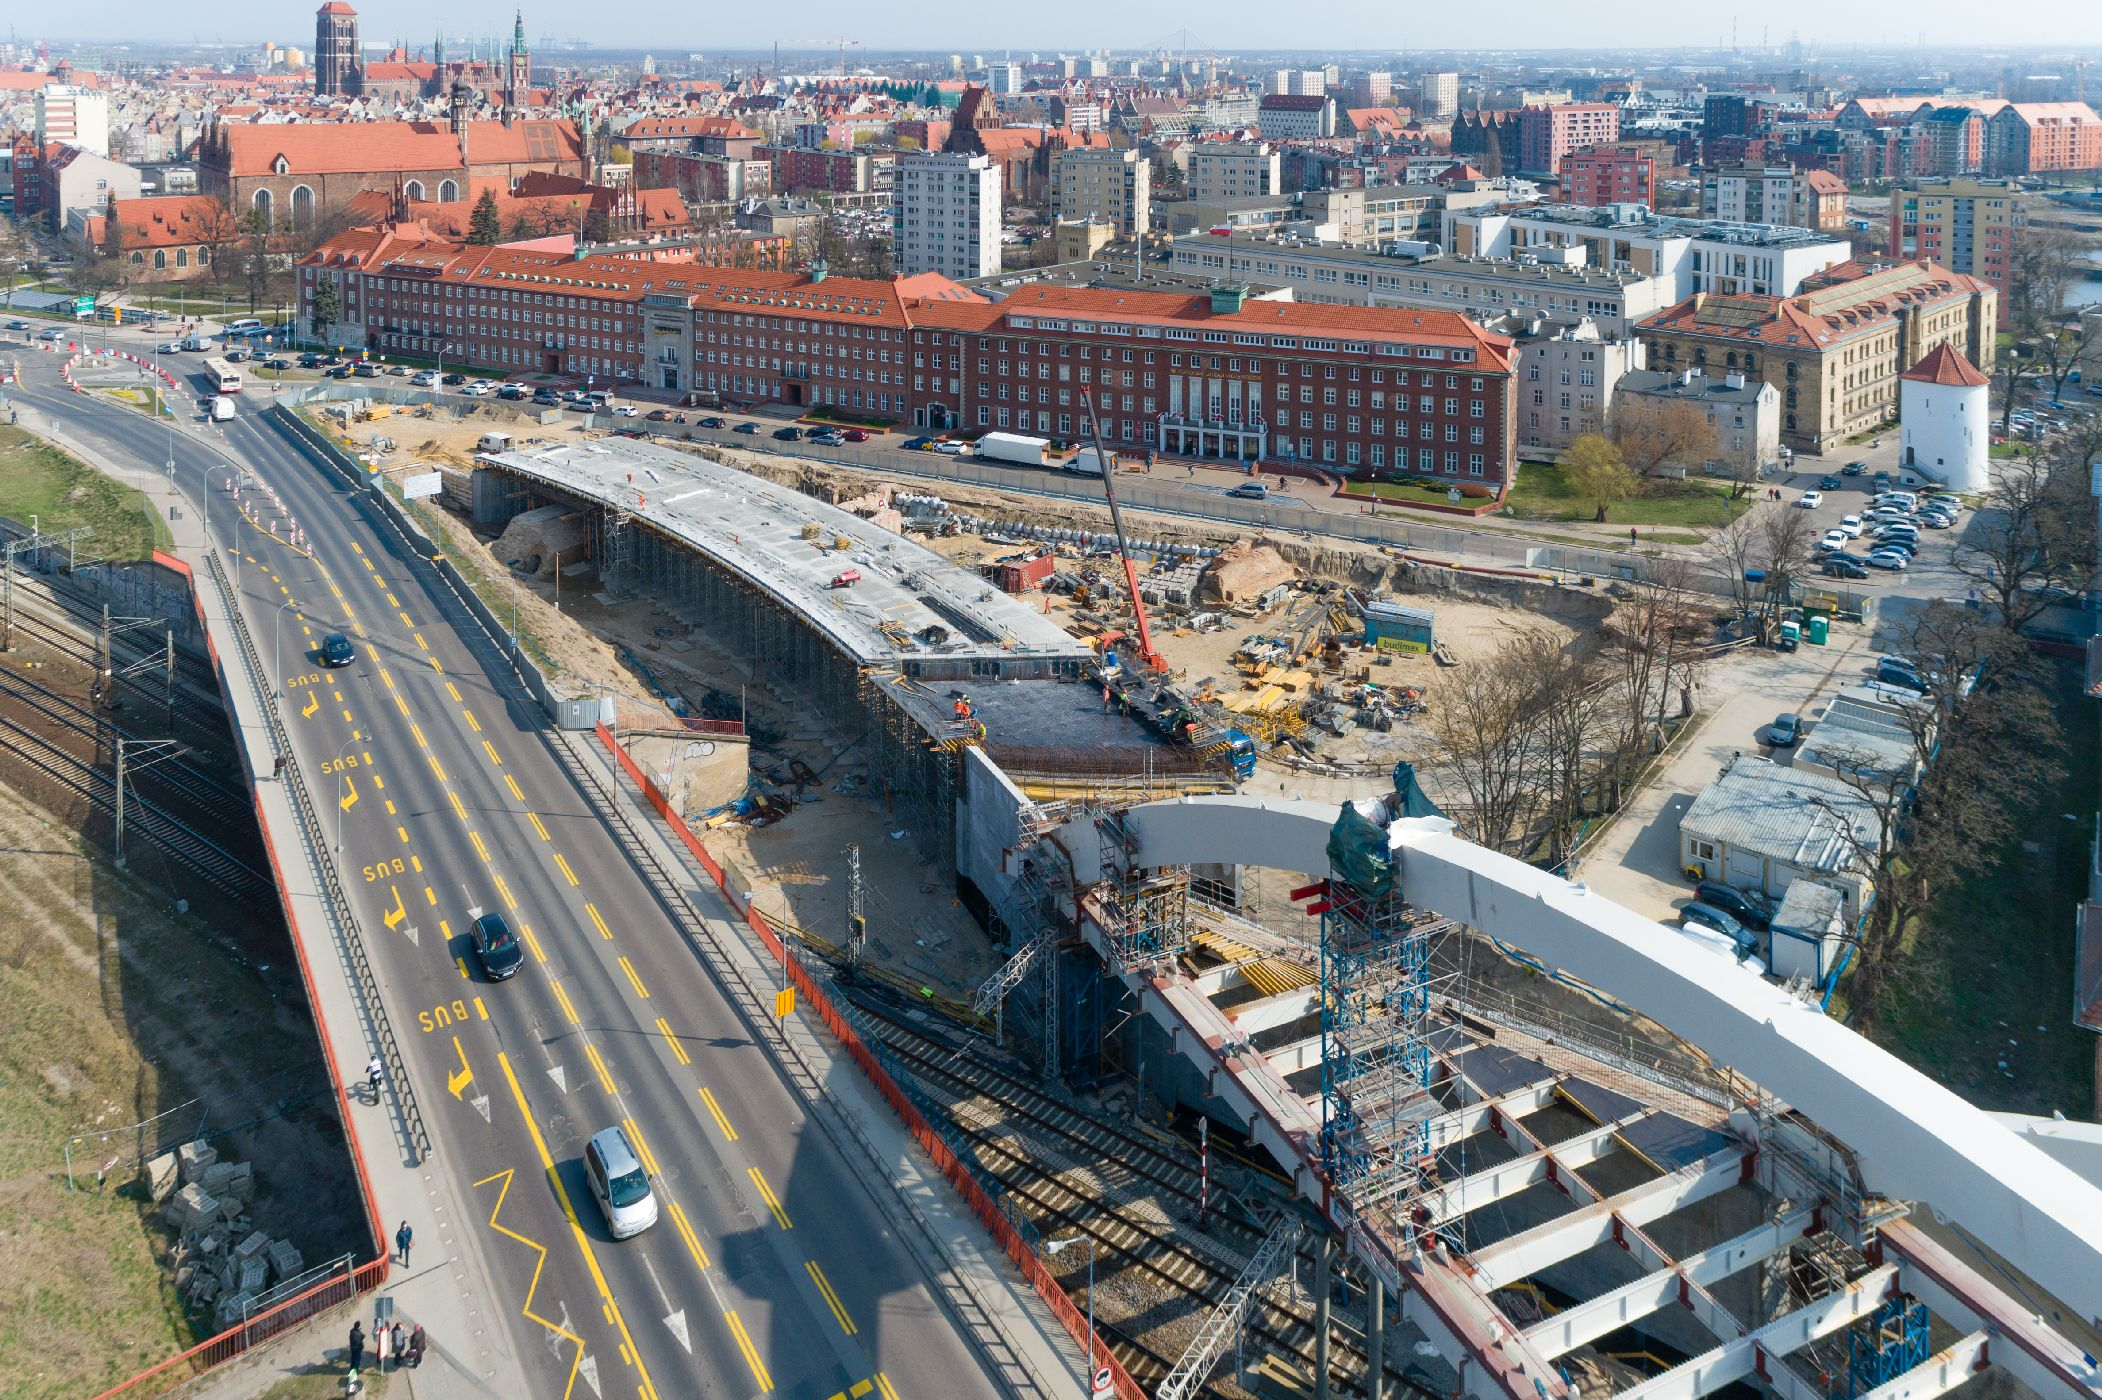 Realizacja czterech nowych obiektów inżynieryjnych w ramach inwestycji.